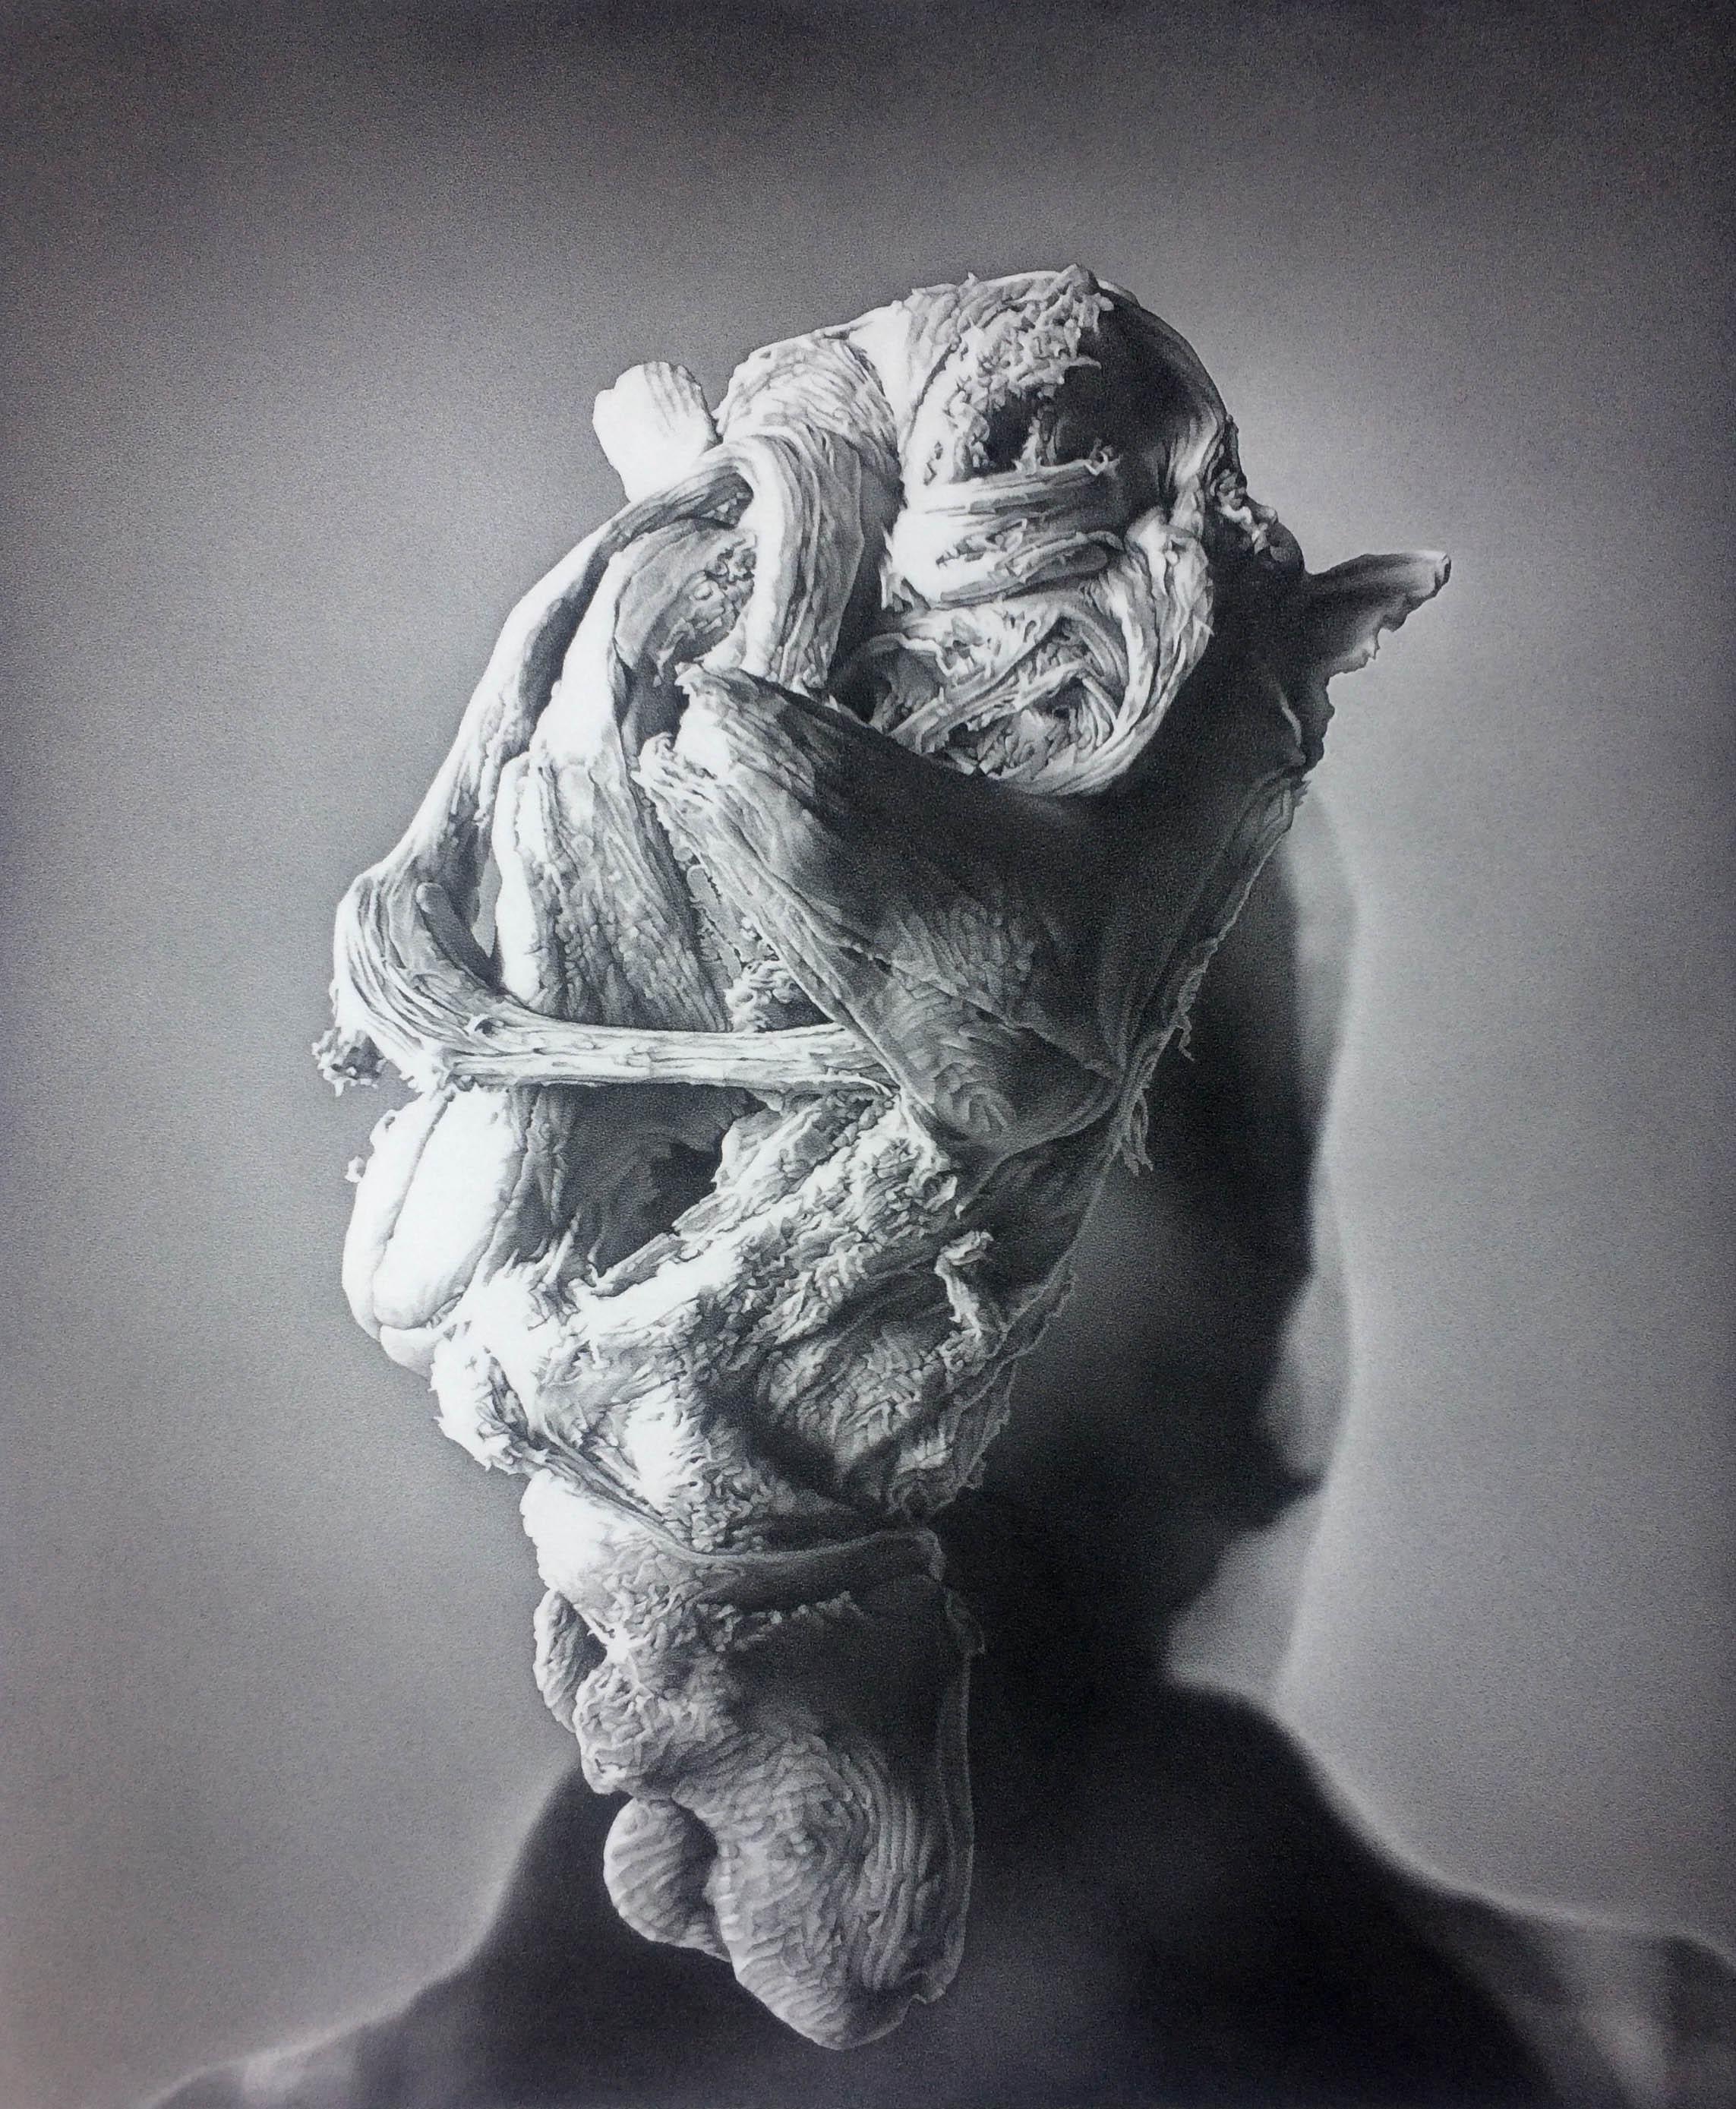 James Bonnici, Head Variation 2, 2017 56 x 78 cm, carbon pencil on paper, available